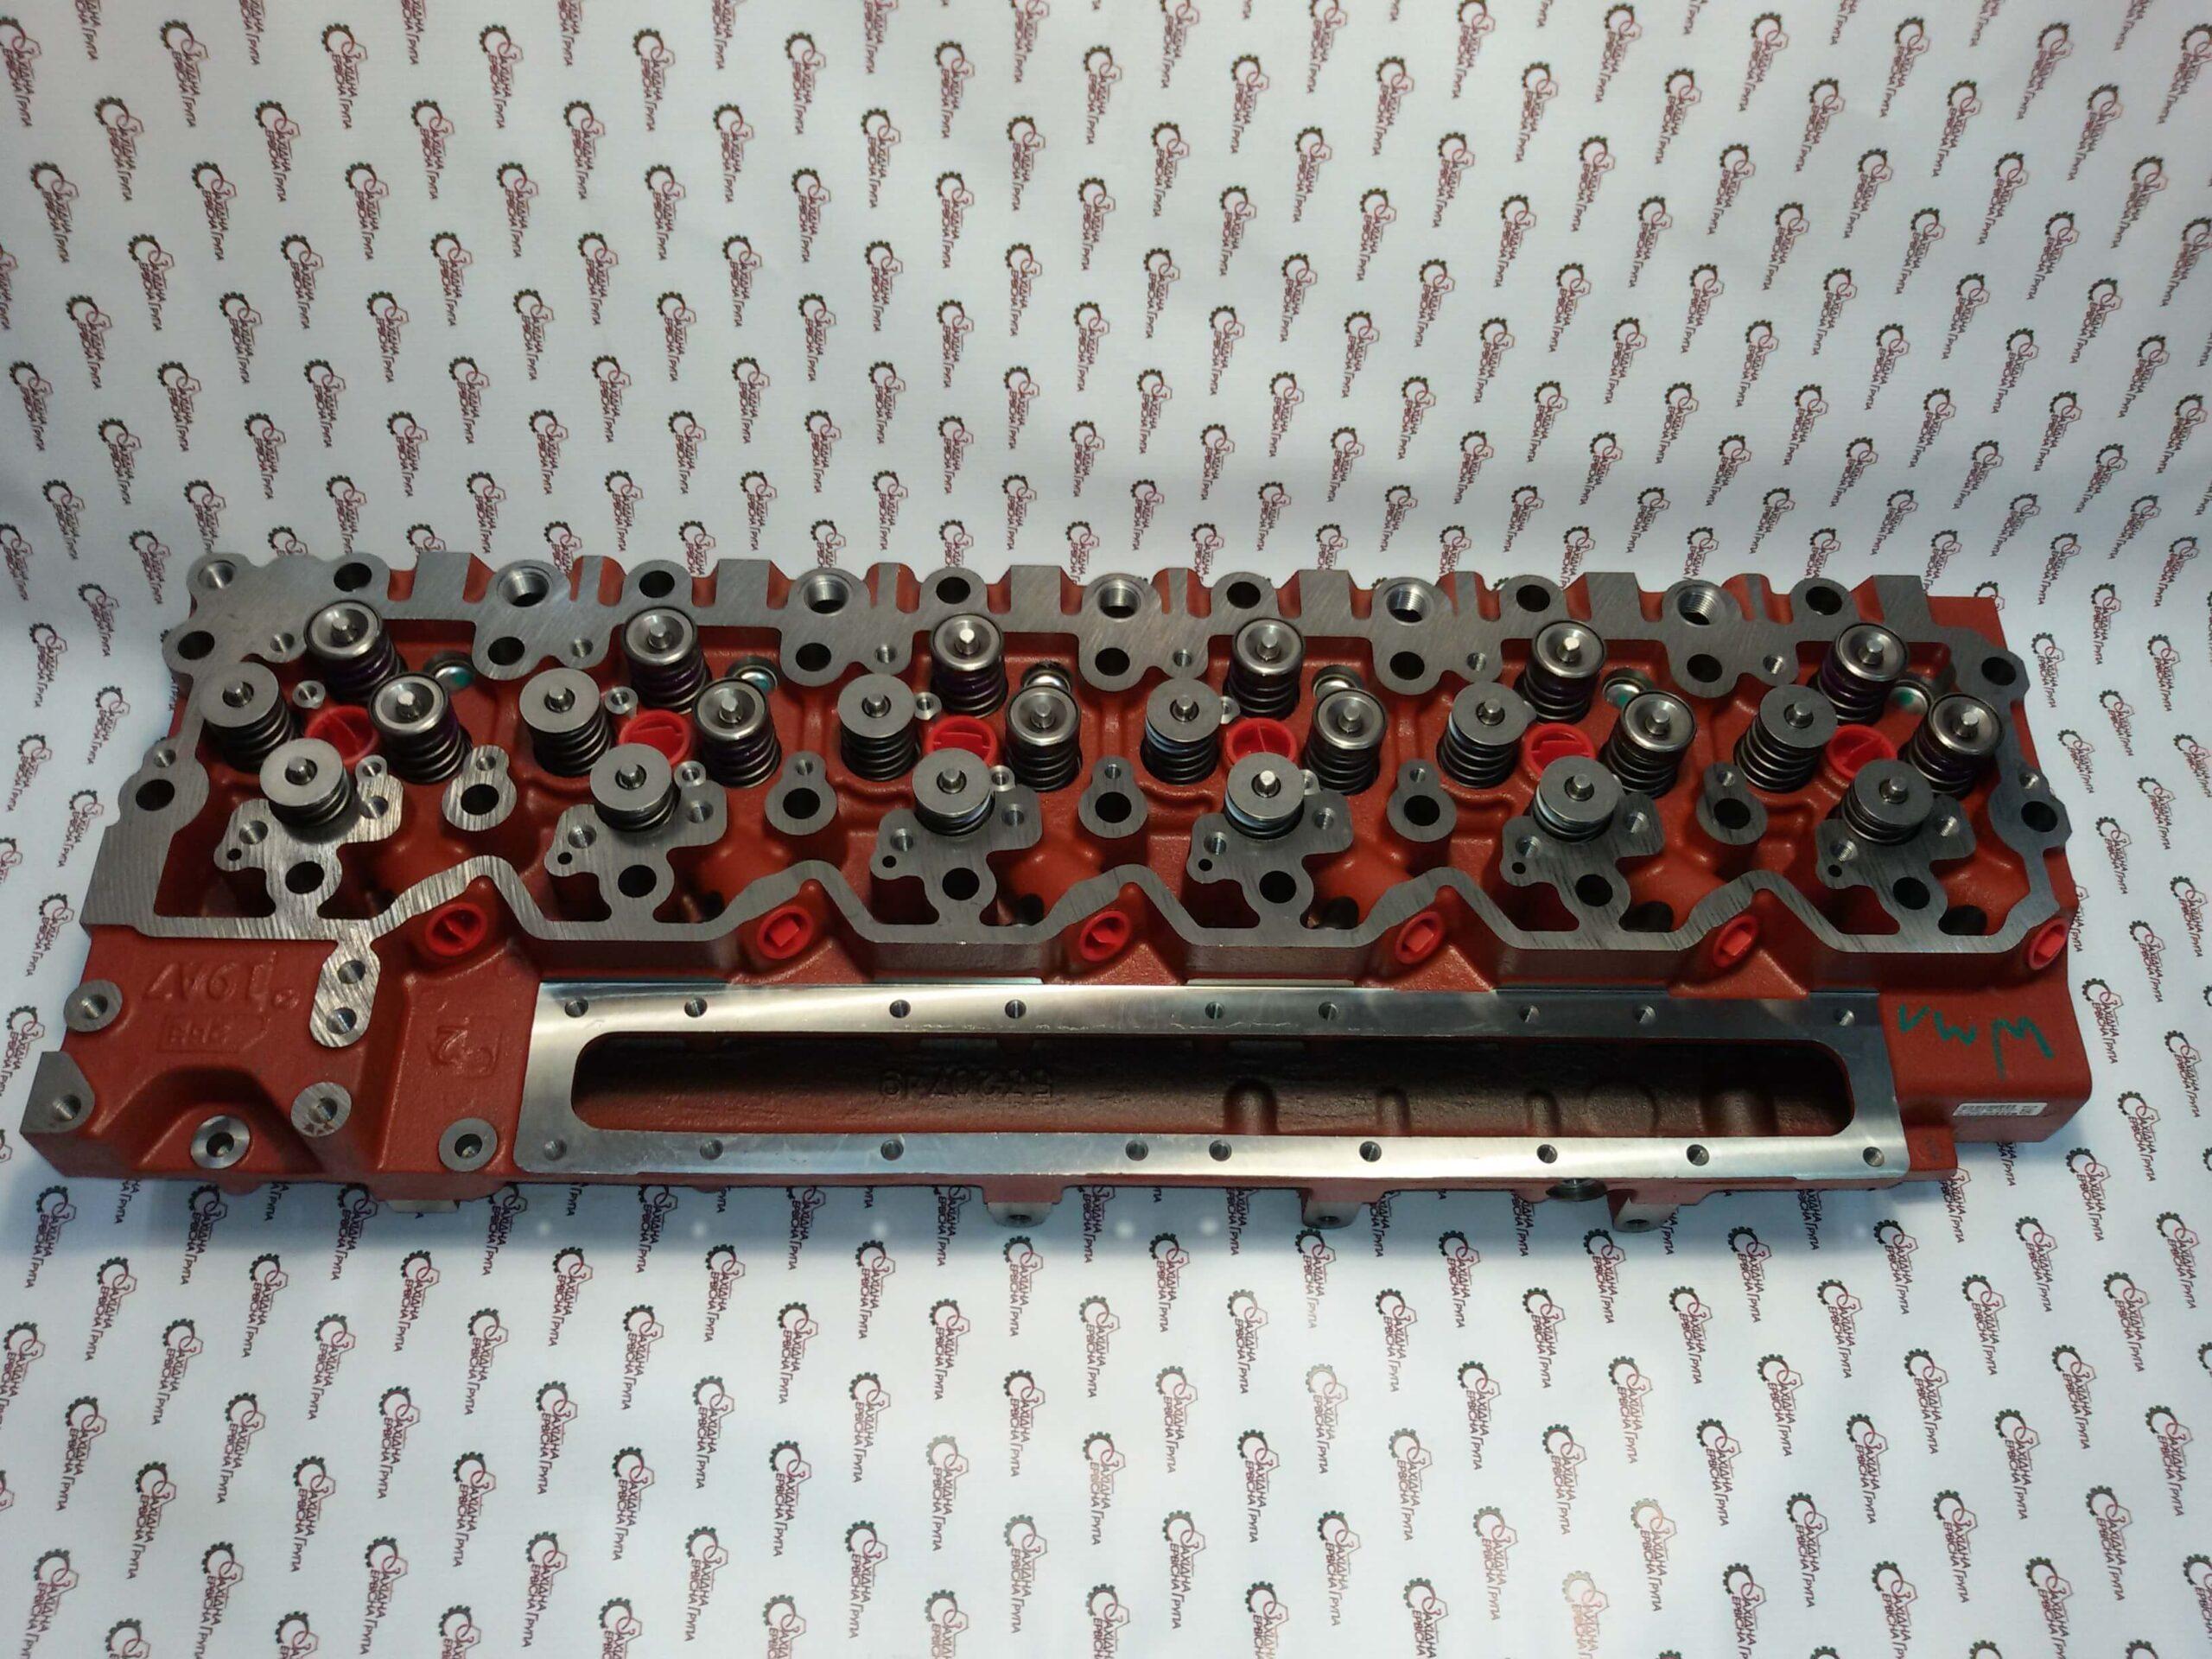 Головка блоку циліндрів двигуна Cummins QSC8.3, QSL9, 5529522, 5404060, 5529522, 5348479, 5259423, 4987975, 4942123, 3973632, 4928931.